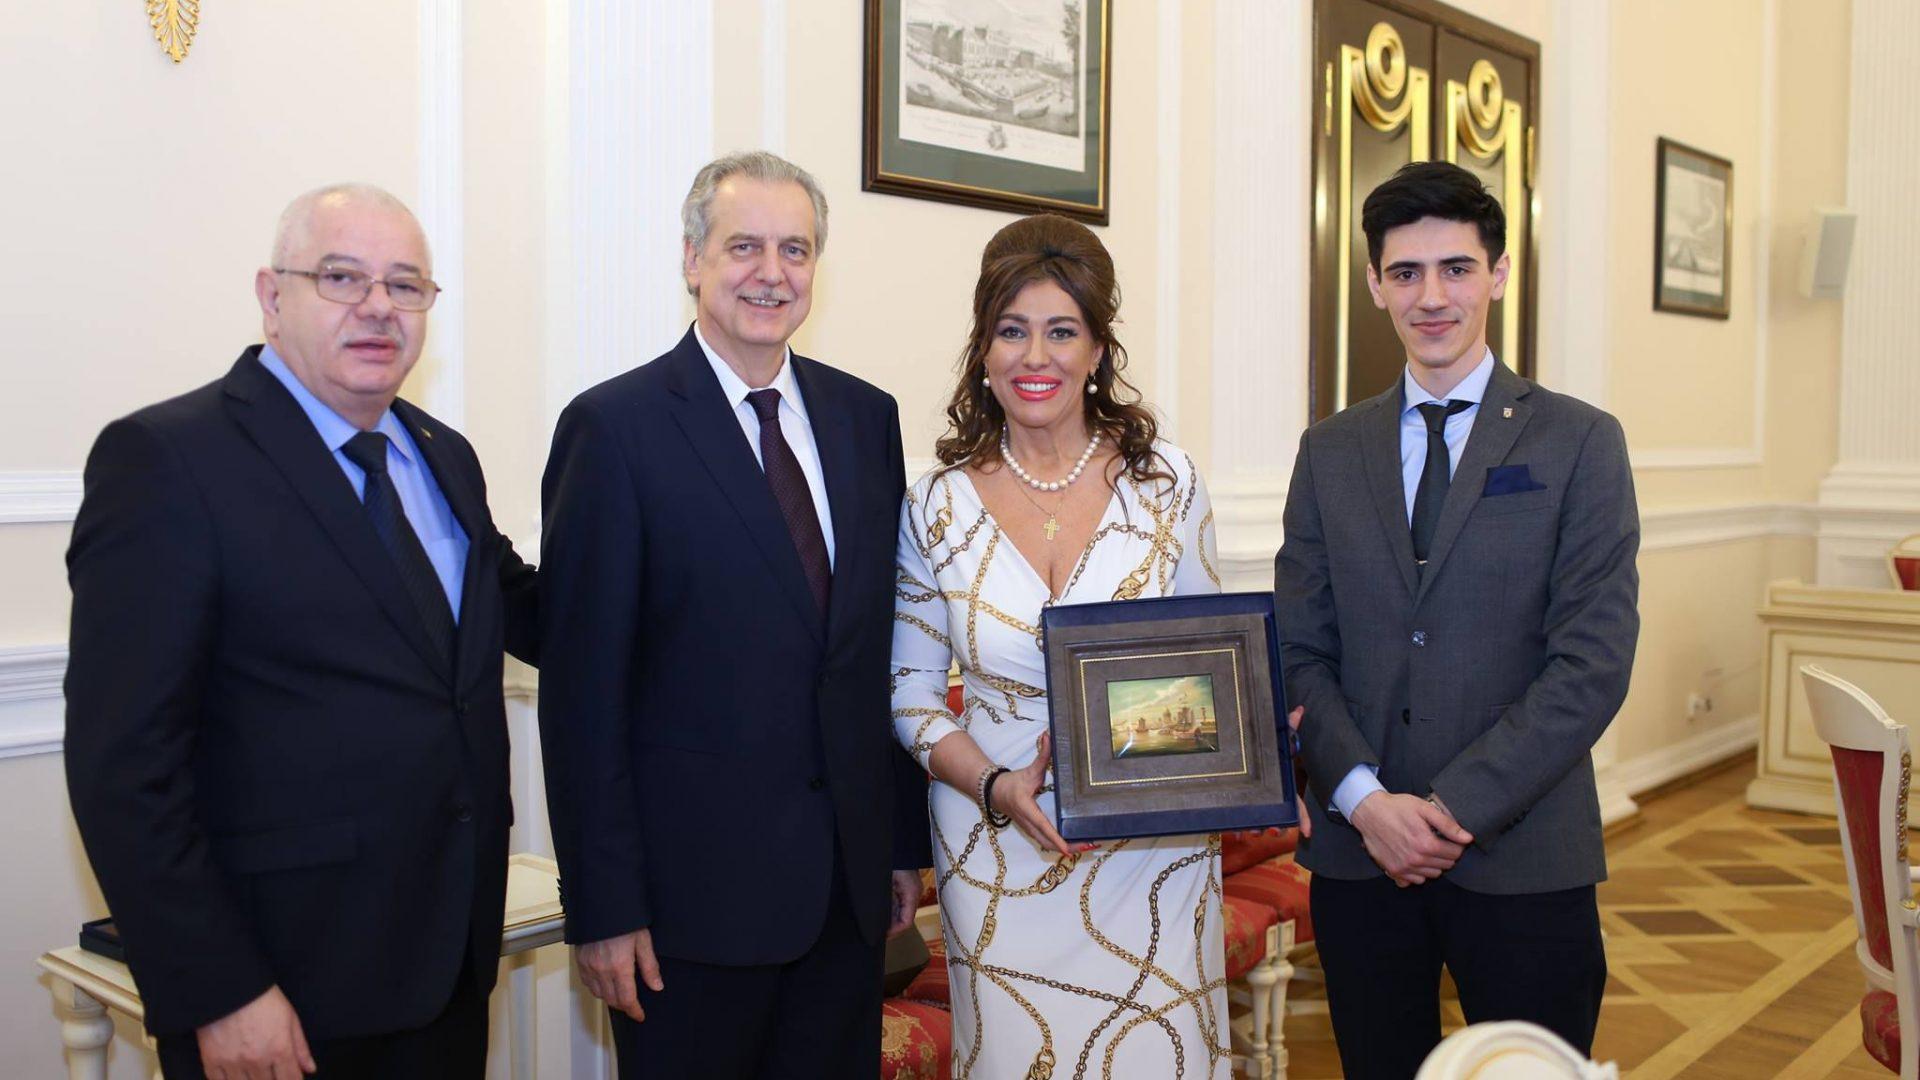 Sankt-Petersburg vrea mai mulți turiști români – delegație din partea județului Constanța